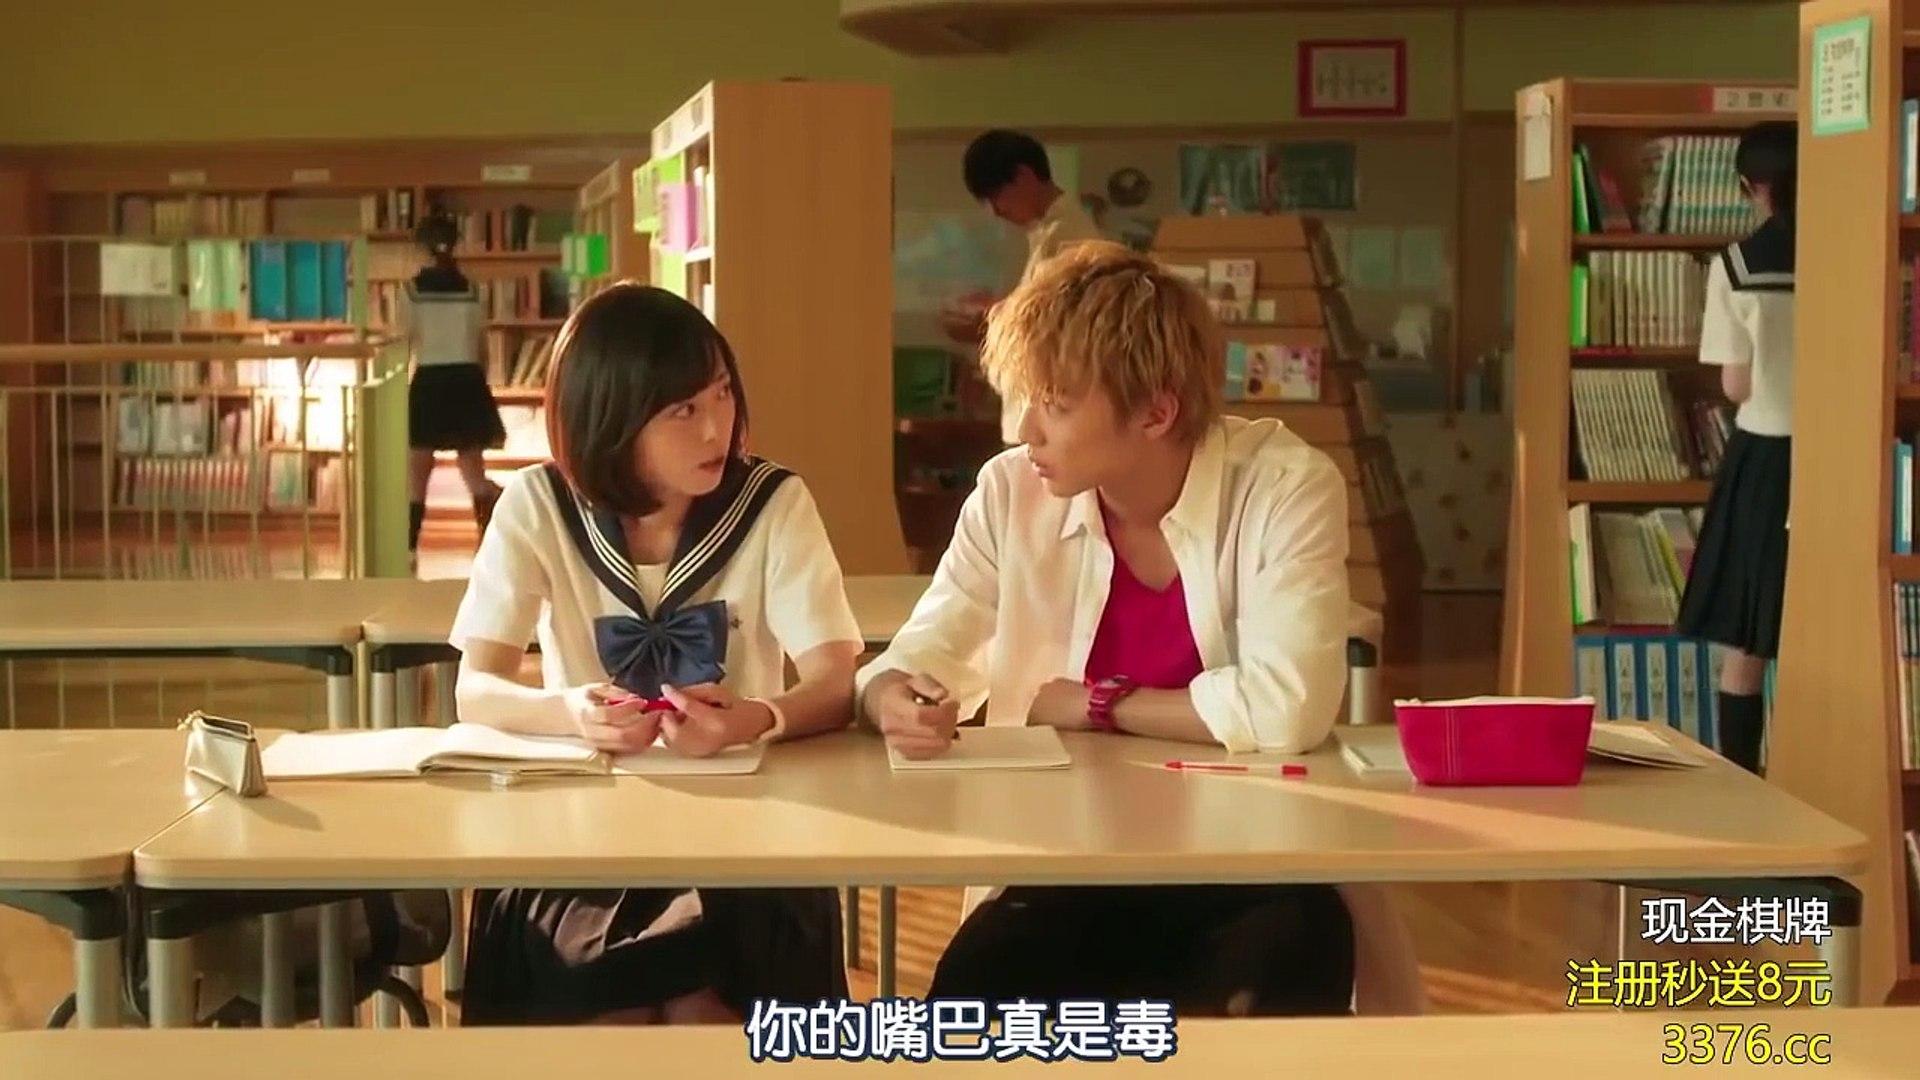 フル 2019 映画 恋愛